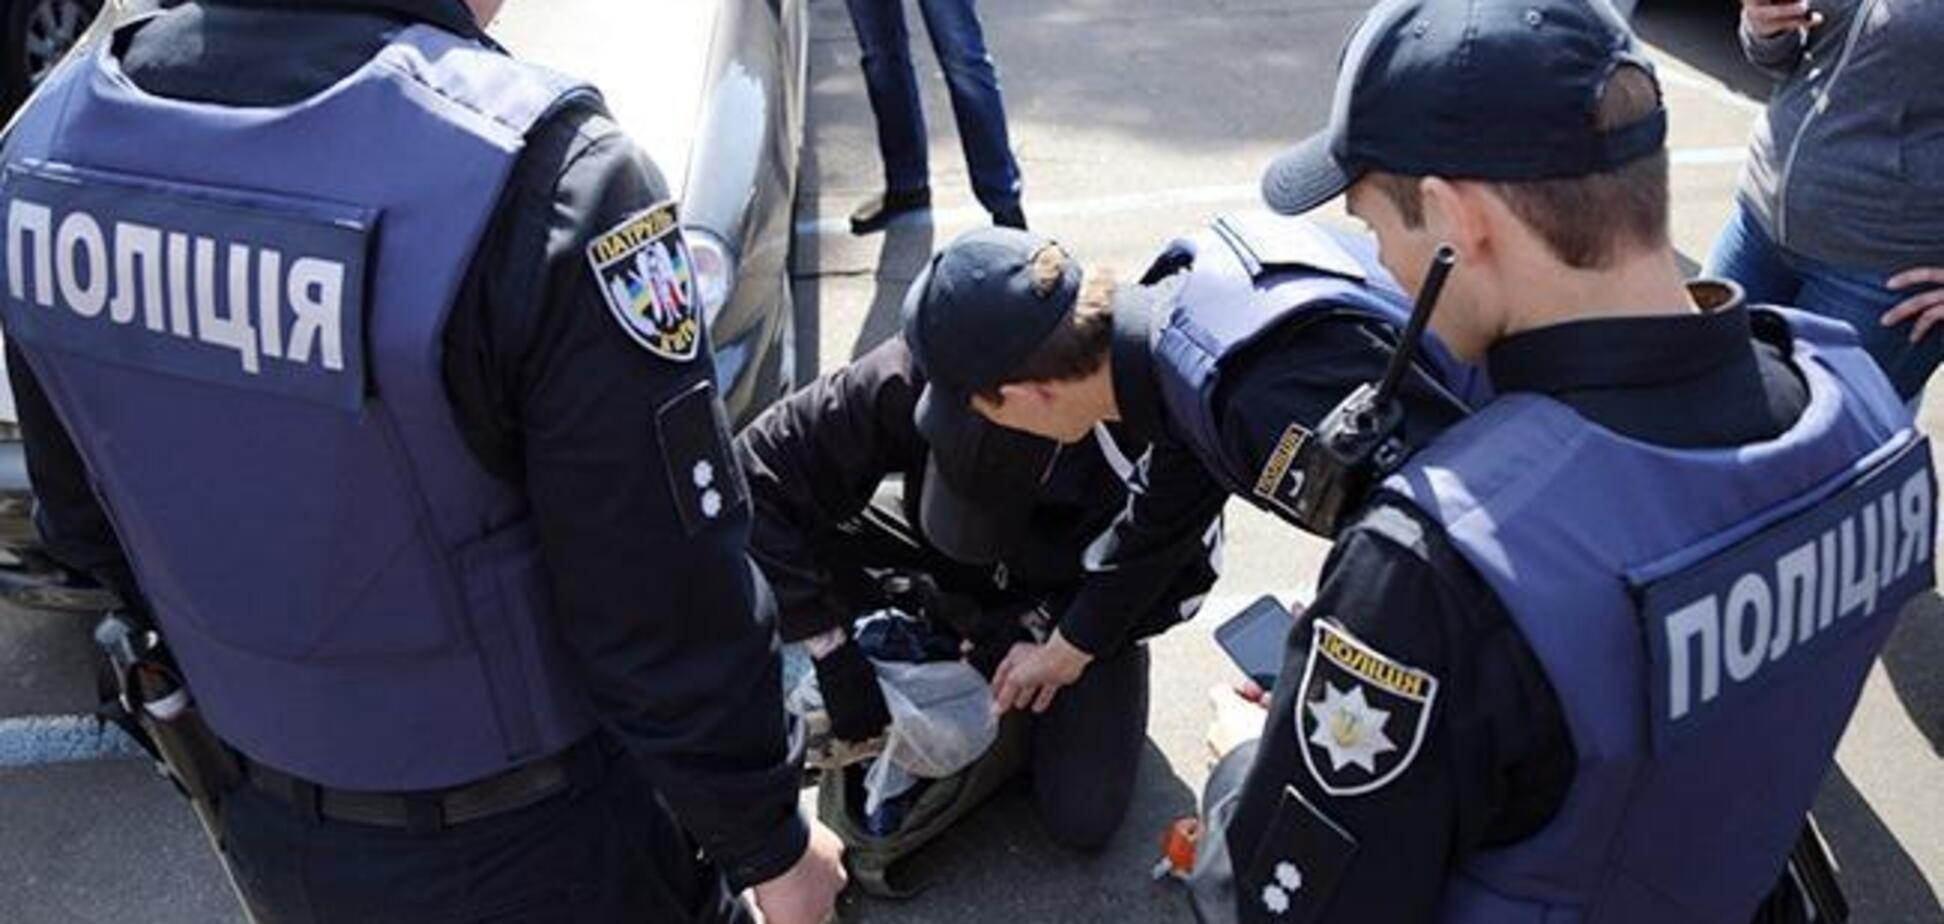 После пьяной гулянки: в Киеве произошло зверское убийство. Фото 18+